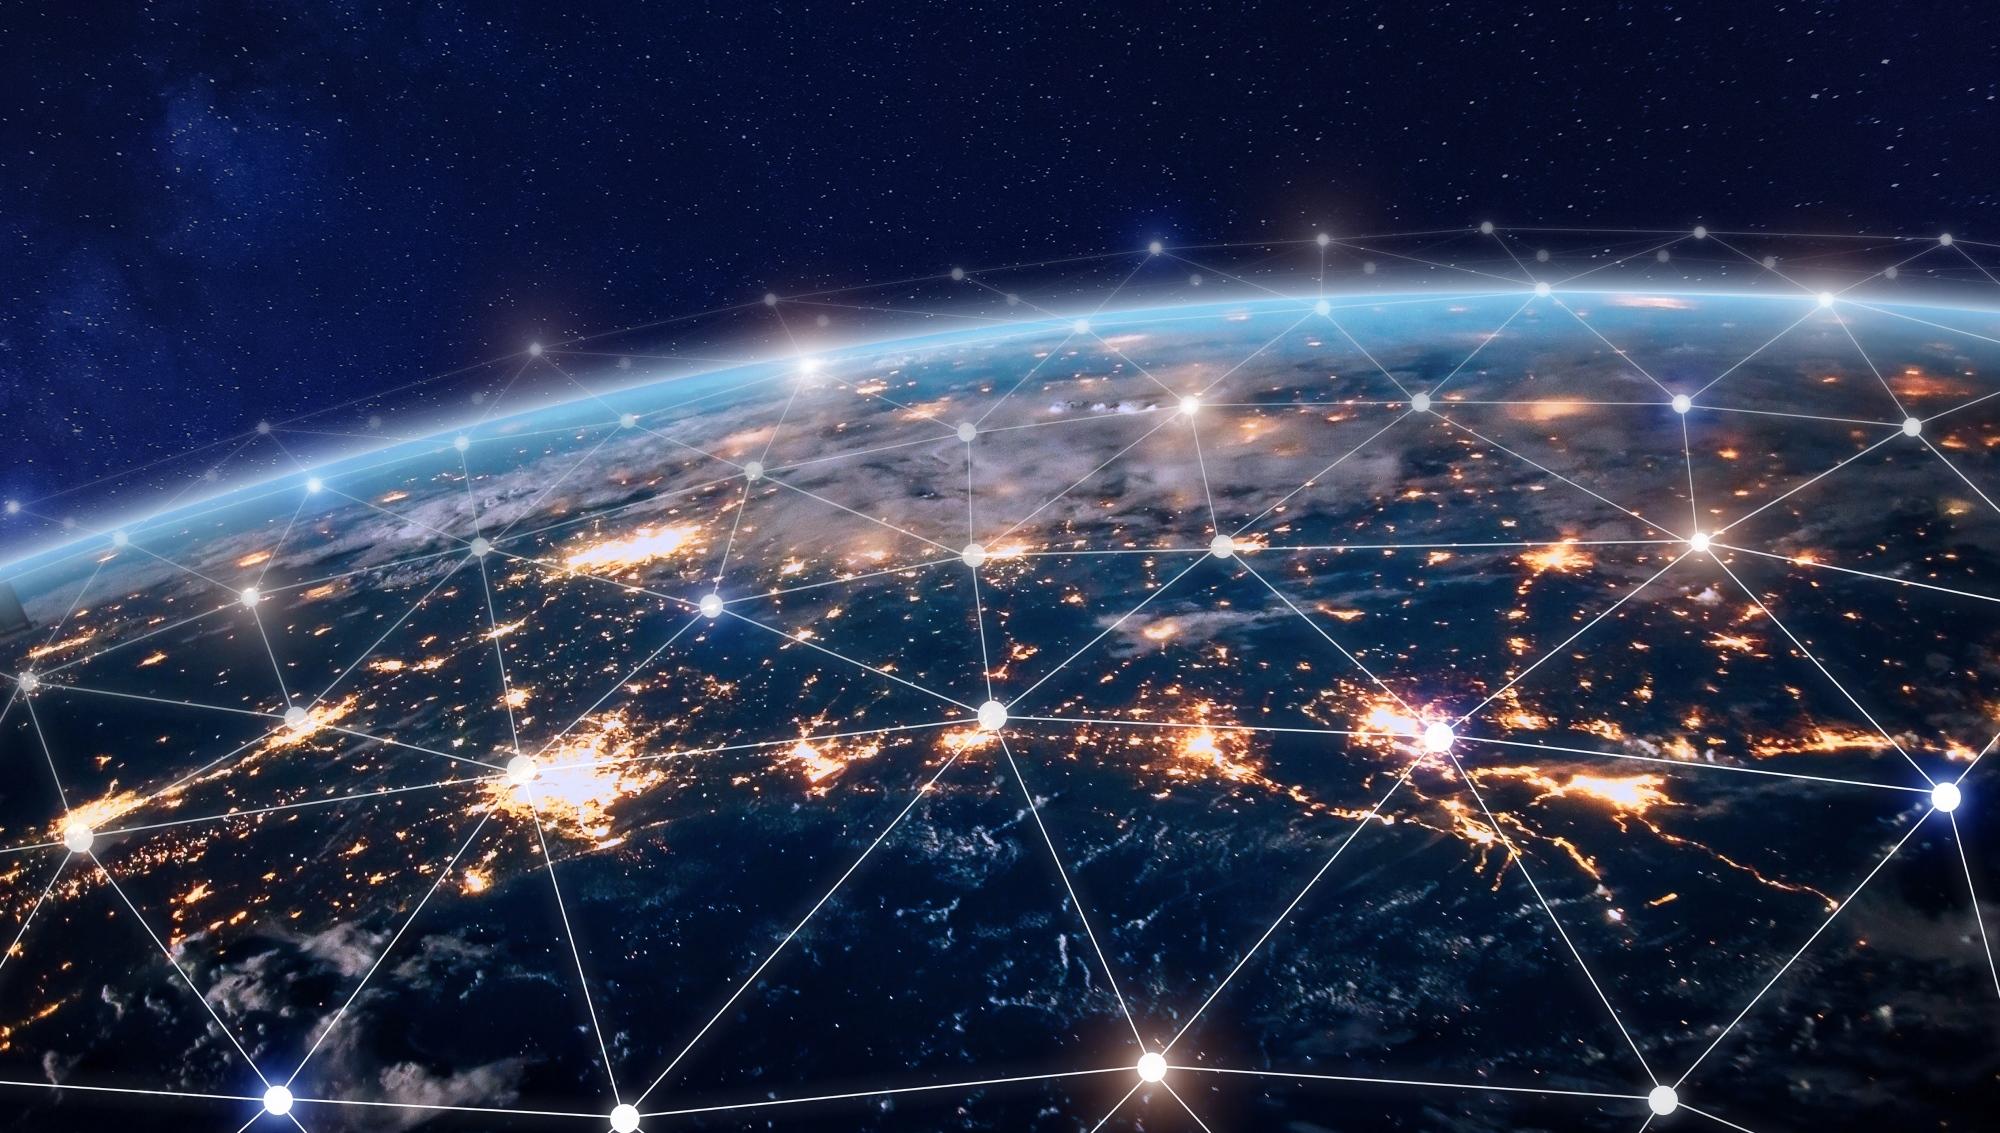 How to port forward for faster internet speeds | TechRadar